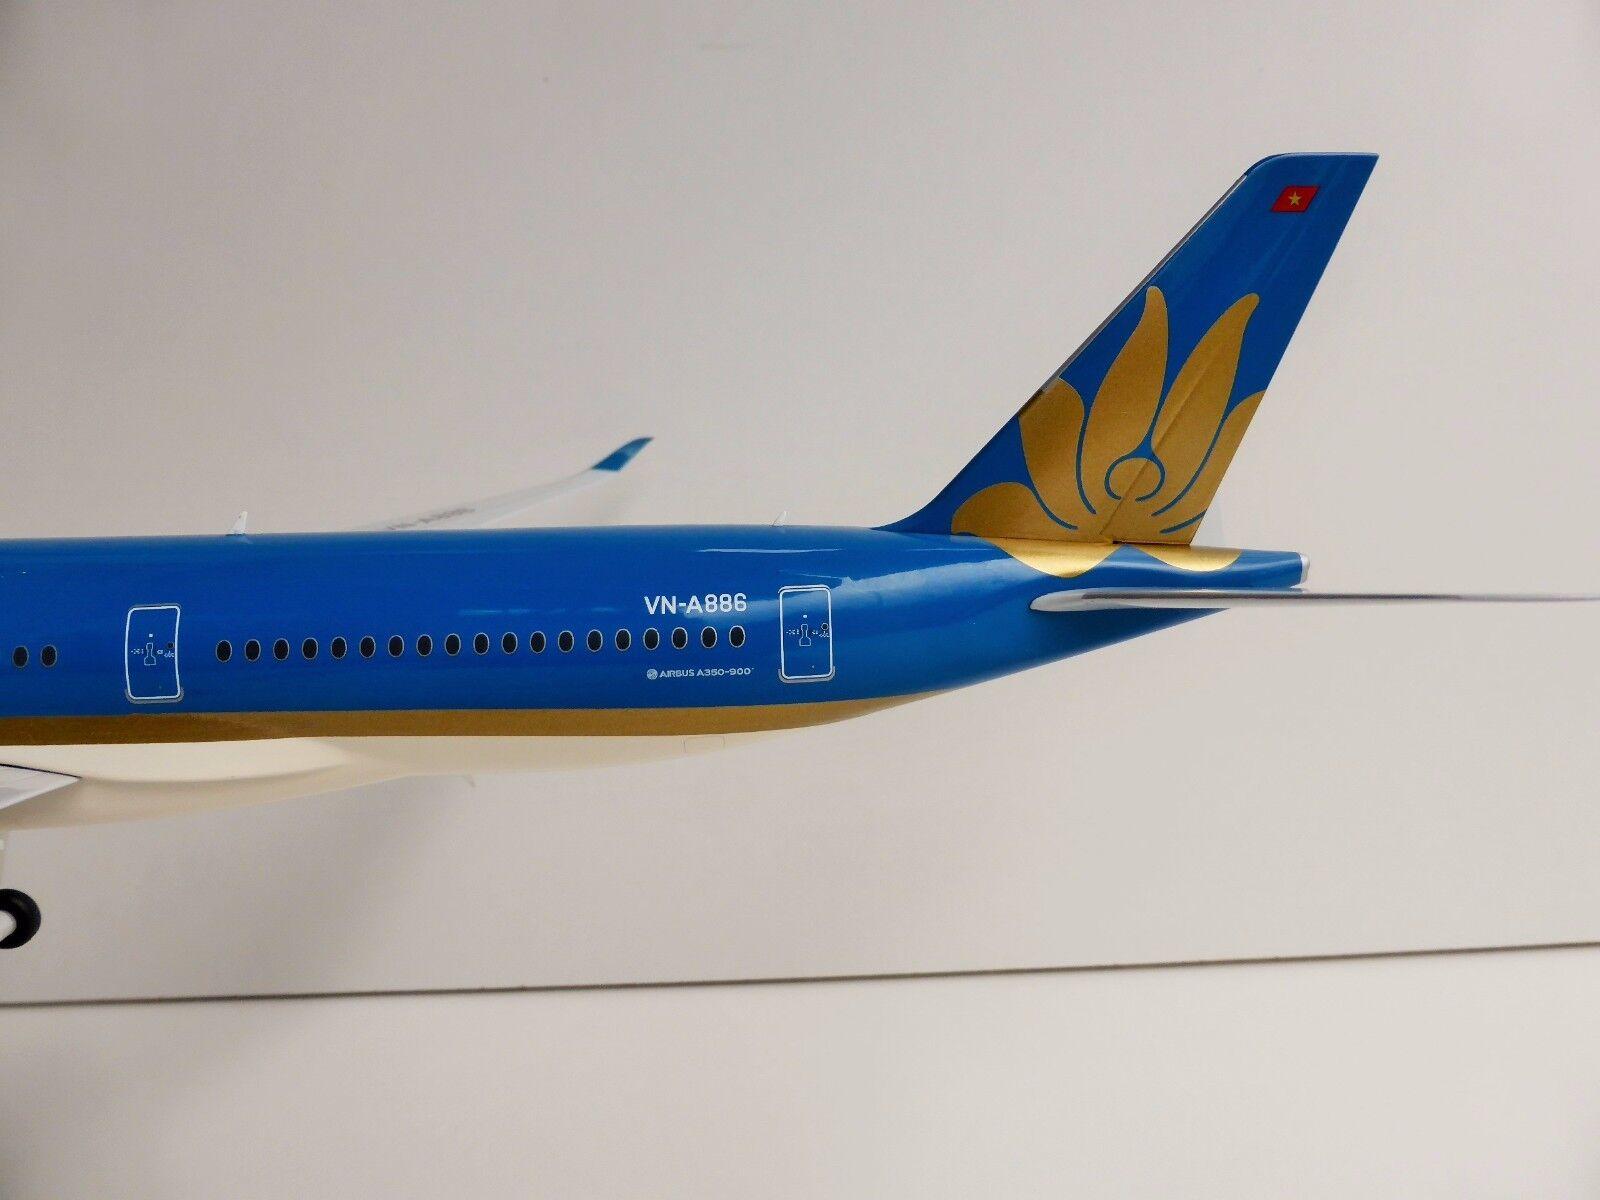 Vietnam Airlines Airbus A350 A350 A350 Xwb 1 200 Herpa 557498 a 350 A350-900 Vn-A886 b2b727